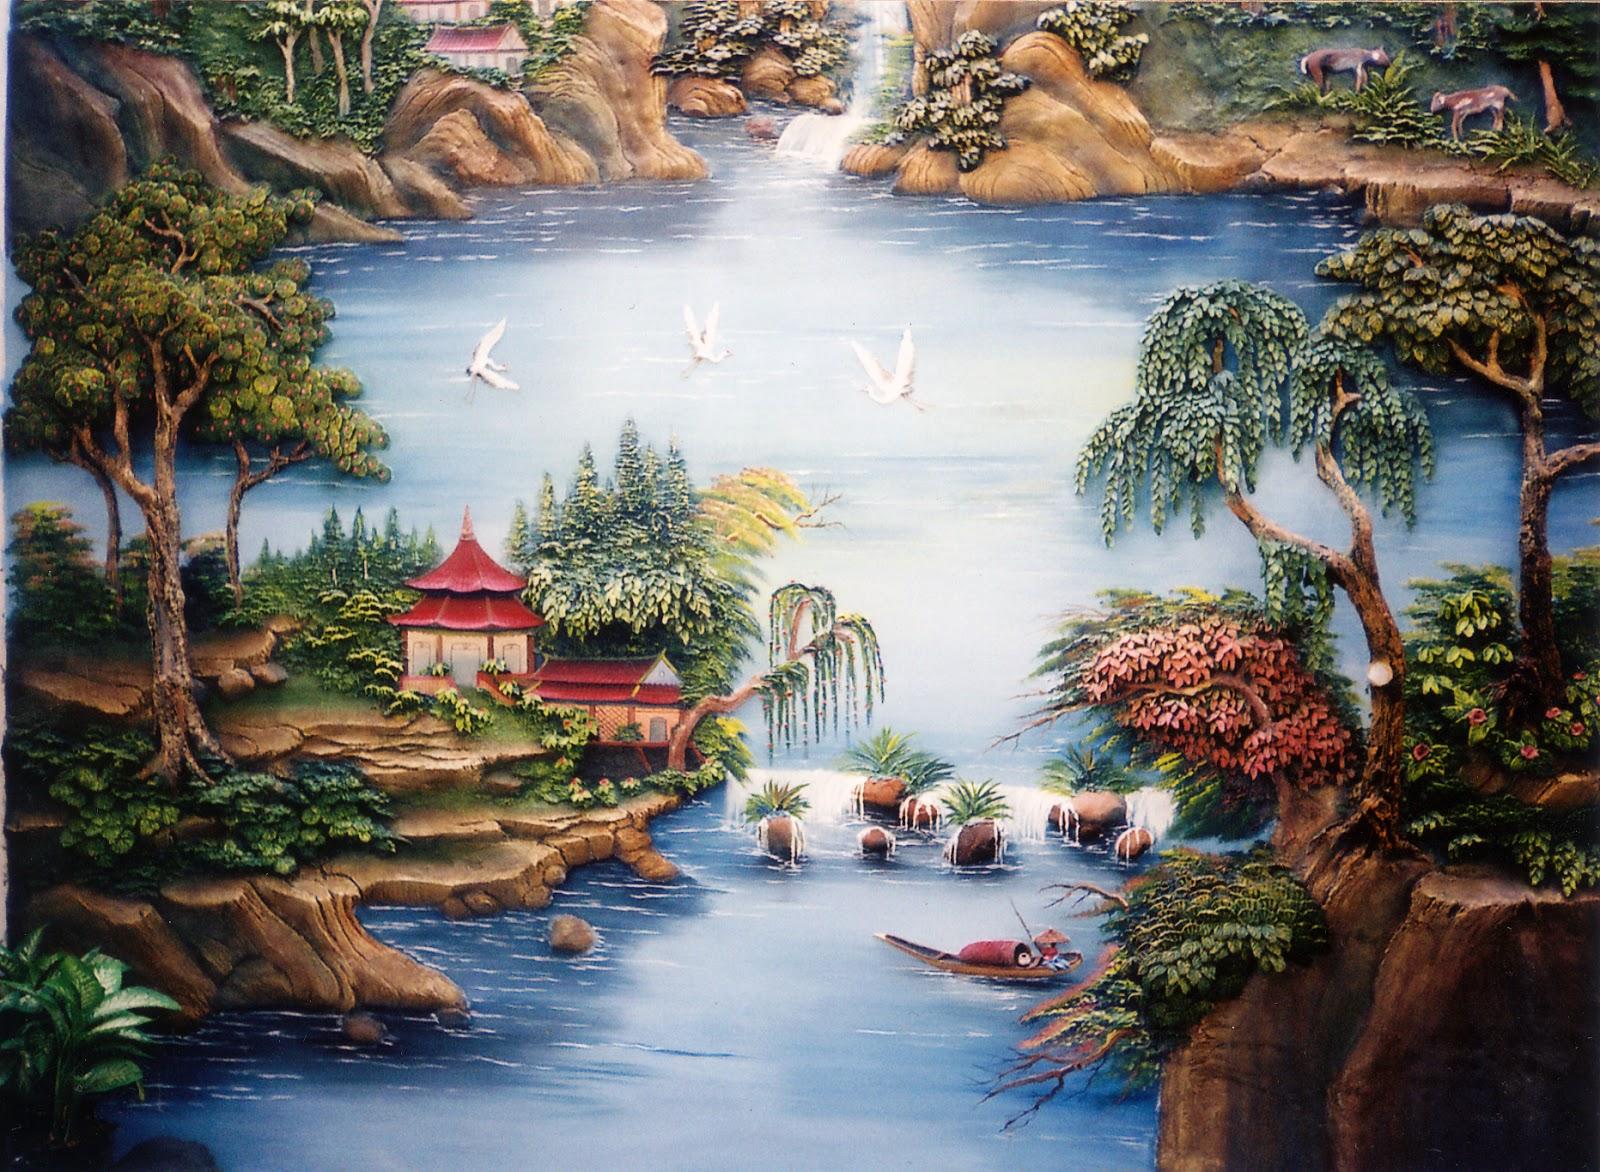 71 Lukisan Pemandangan Full Hd Gratis Terbaik